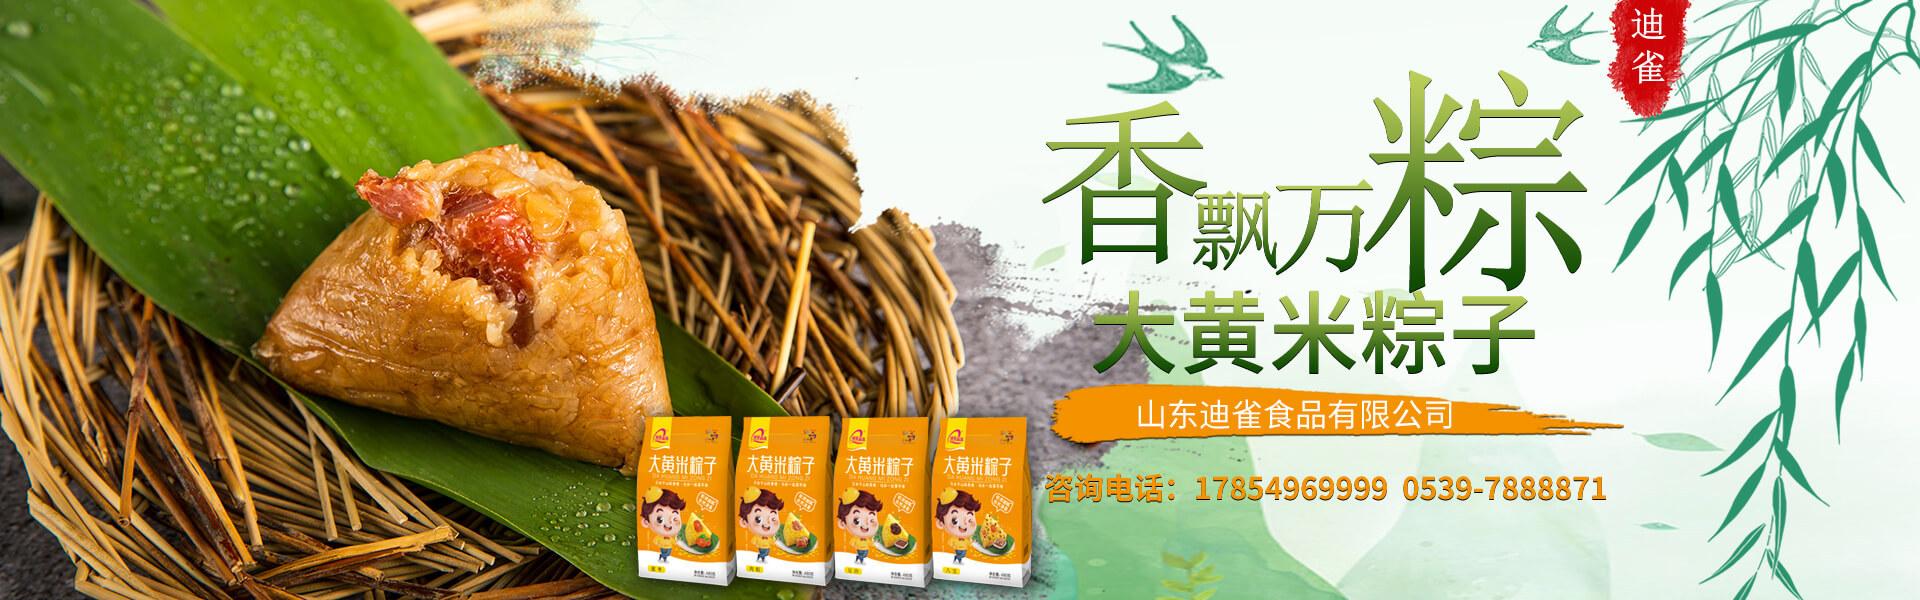 万博max饺子厂家,万博max馄饨批发,山东粽子生产厂家,万博max手工馒头厂家,山东迪雀食品有限公司